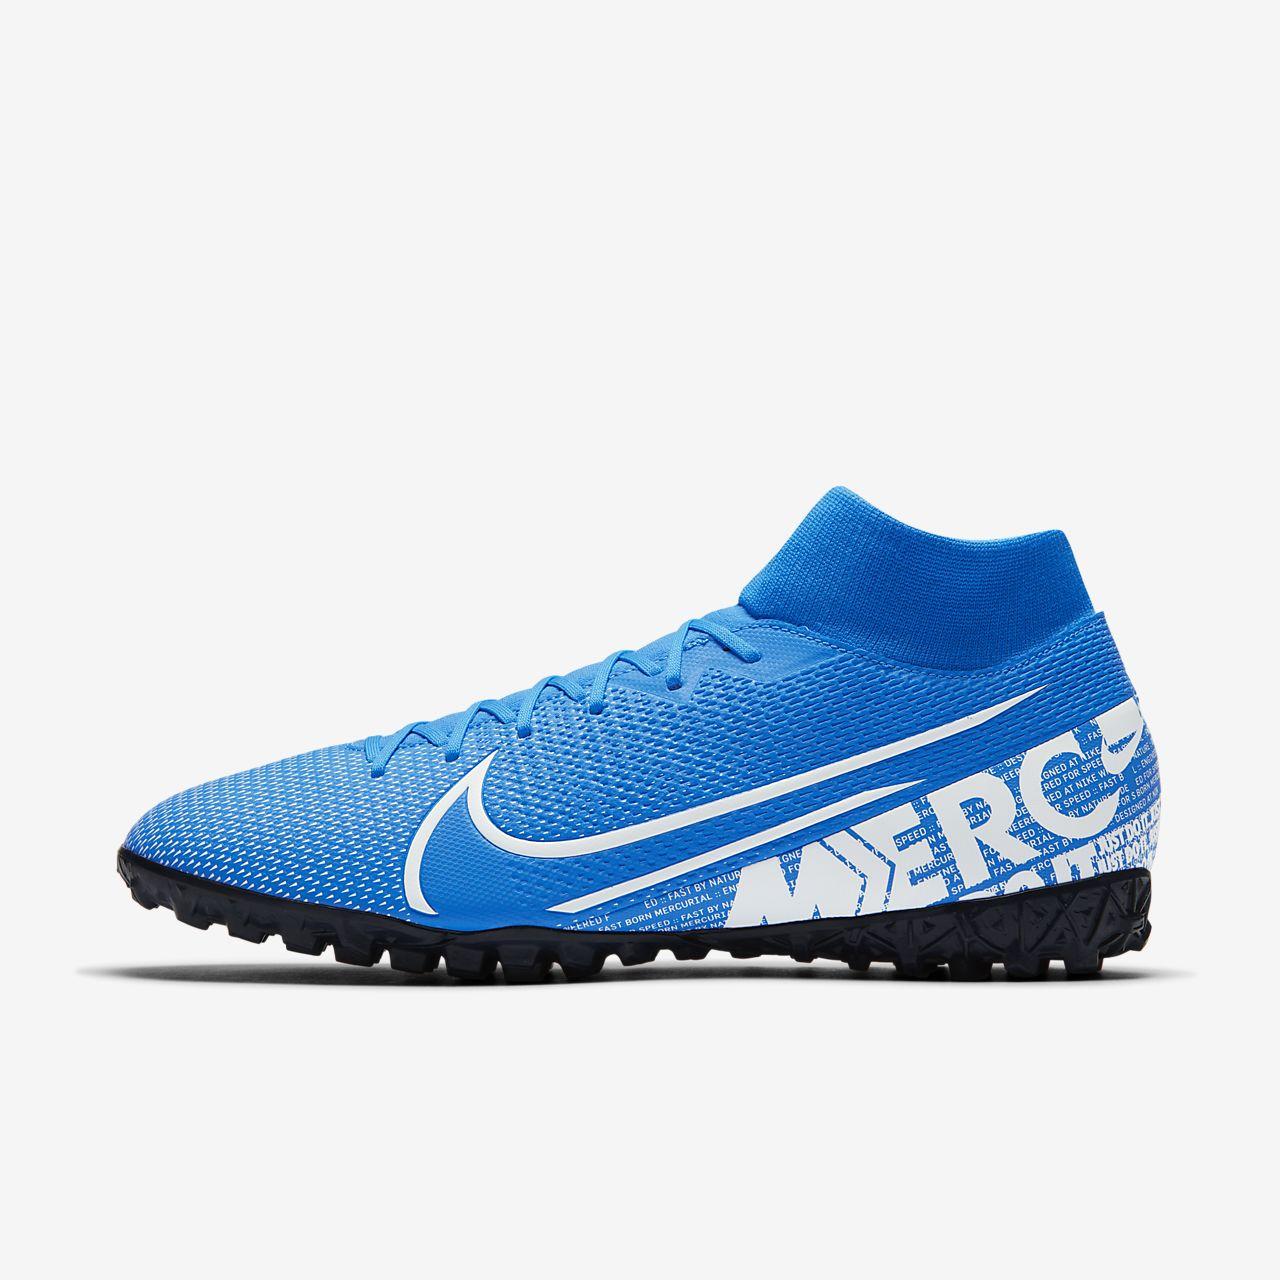 Nike Mercurial Superfly 7 Academy TF Fußballschuh für Kunstrasen